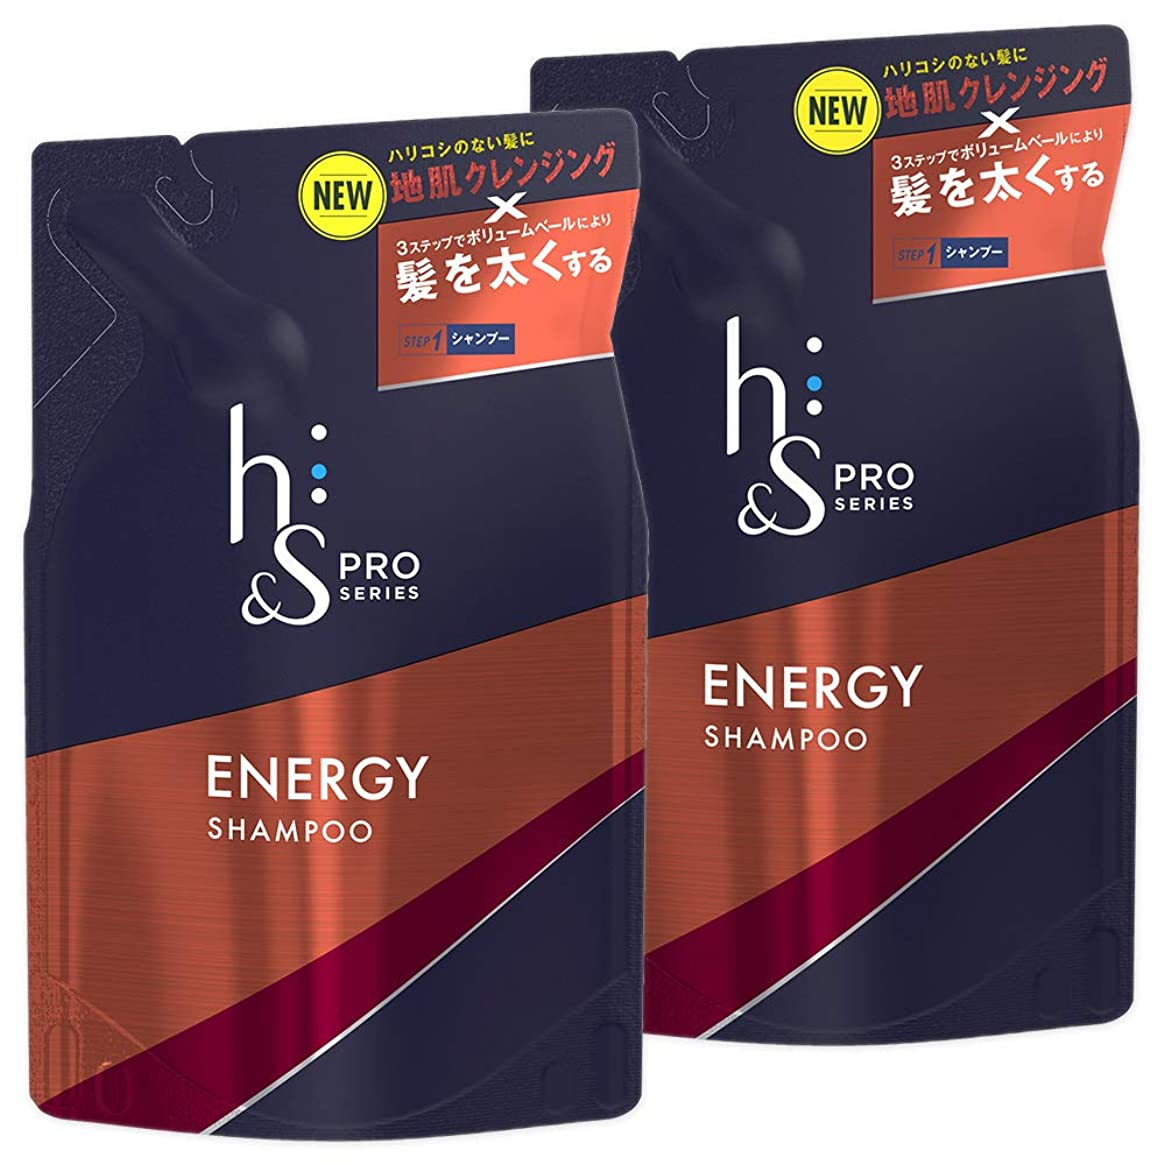 構造医療過誤同じ【まとめ買い】 h&s for men シャンプー PRO Series エナジー 詰め替え 300mL×2個